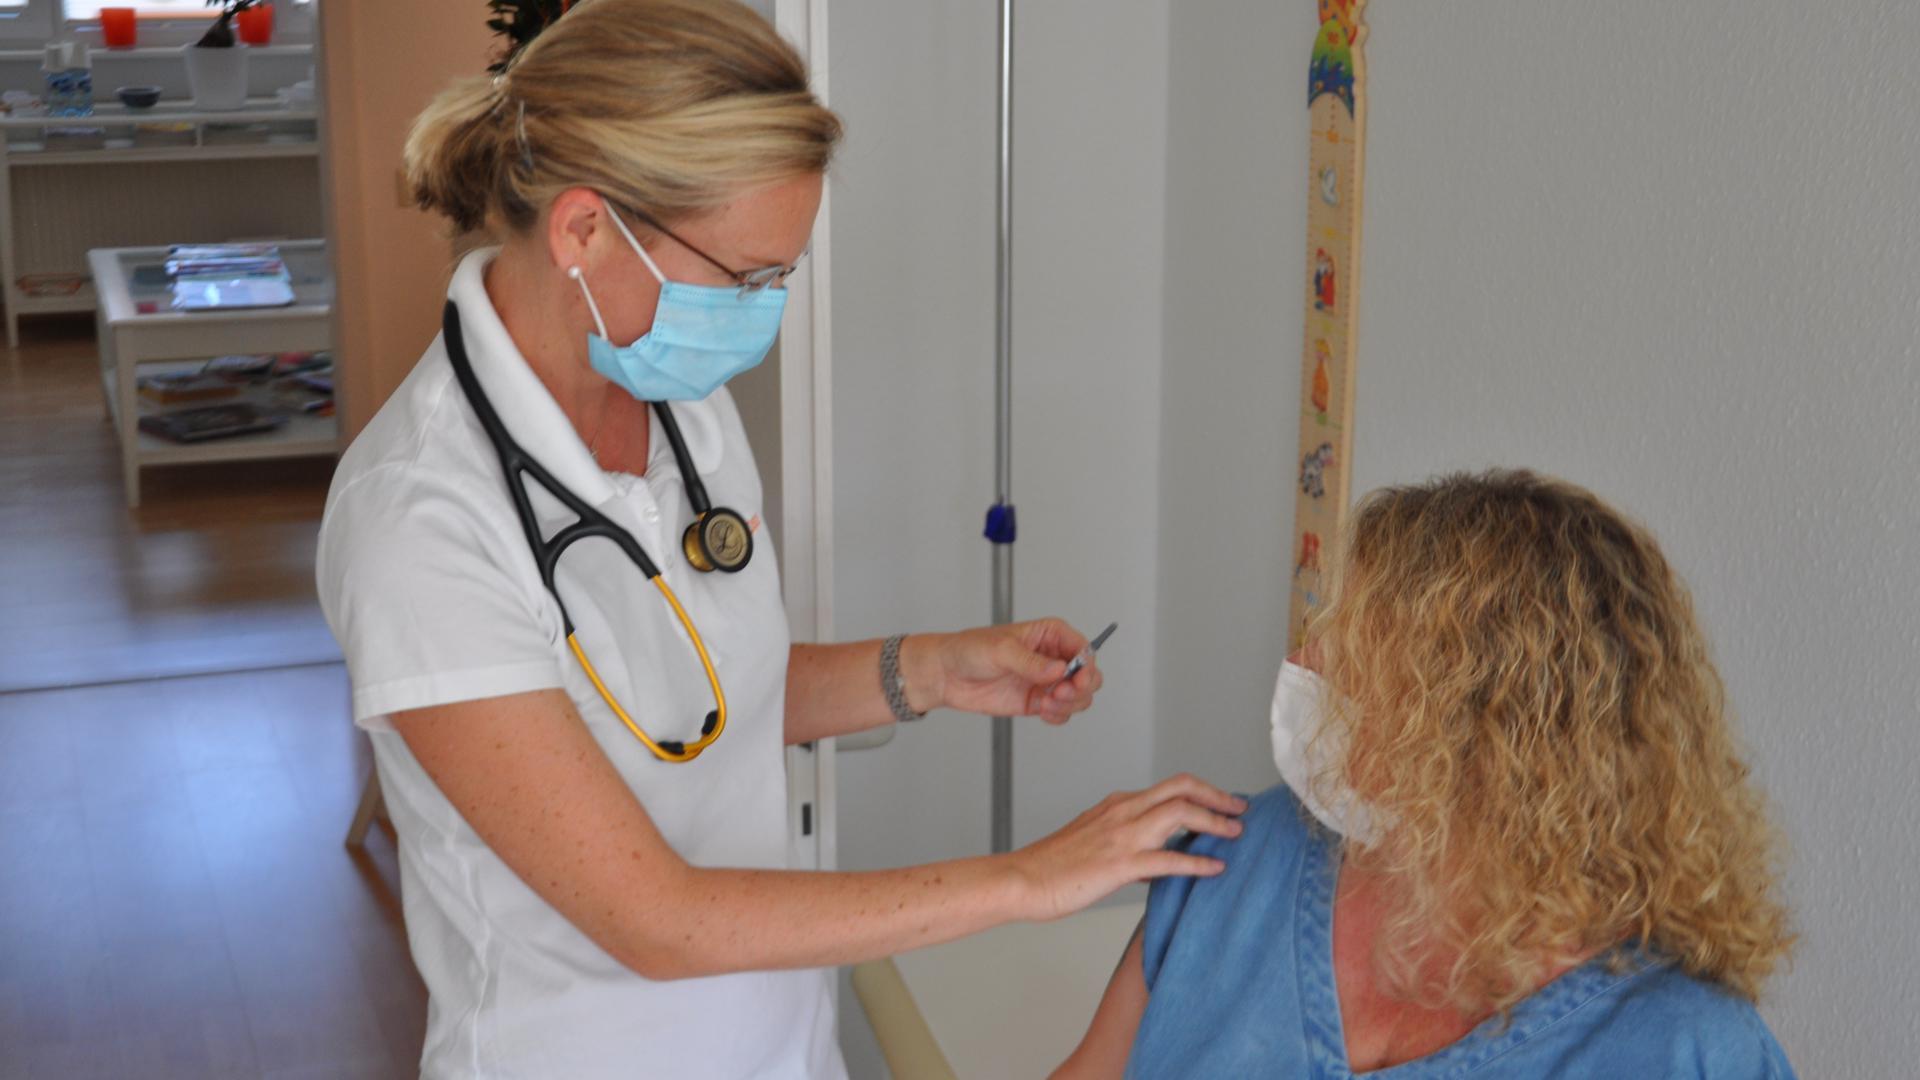 Ärztin mit Spritze und Patientin